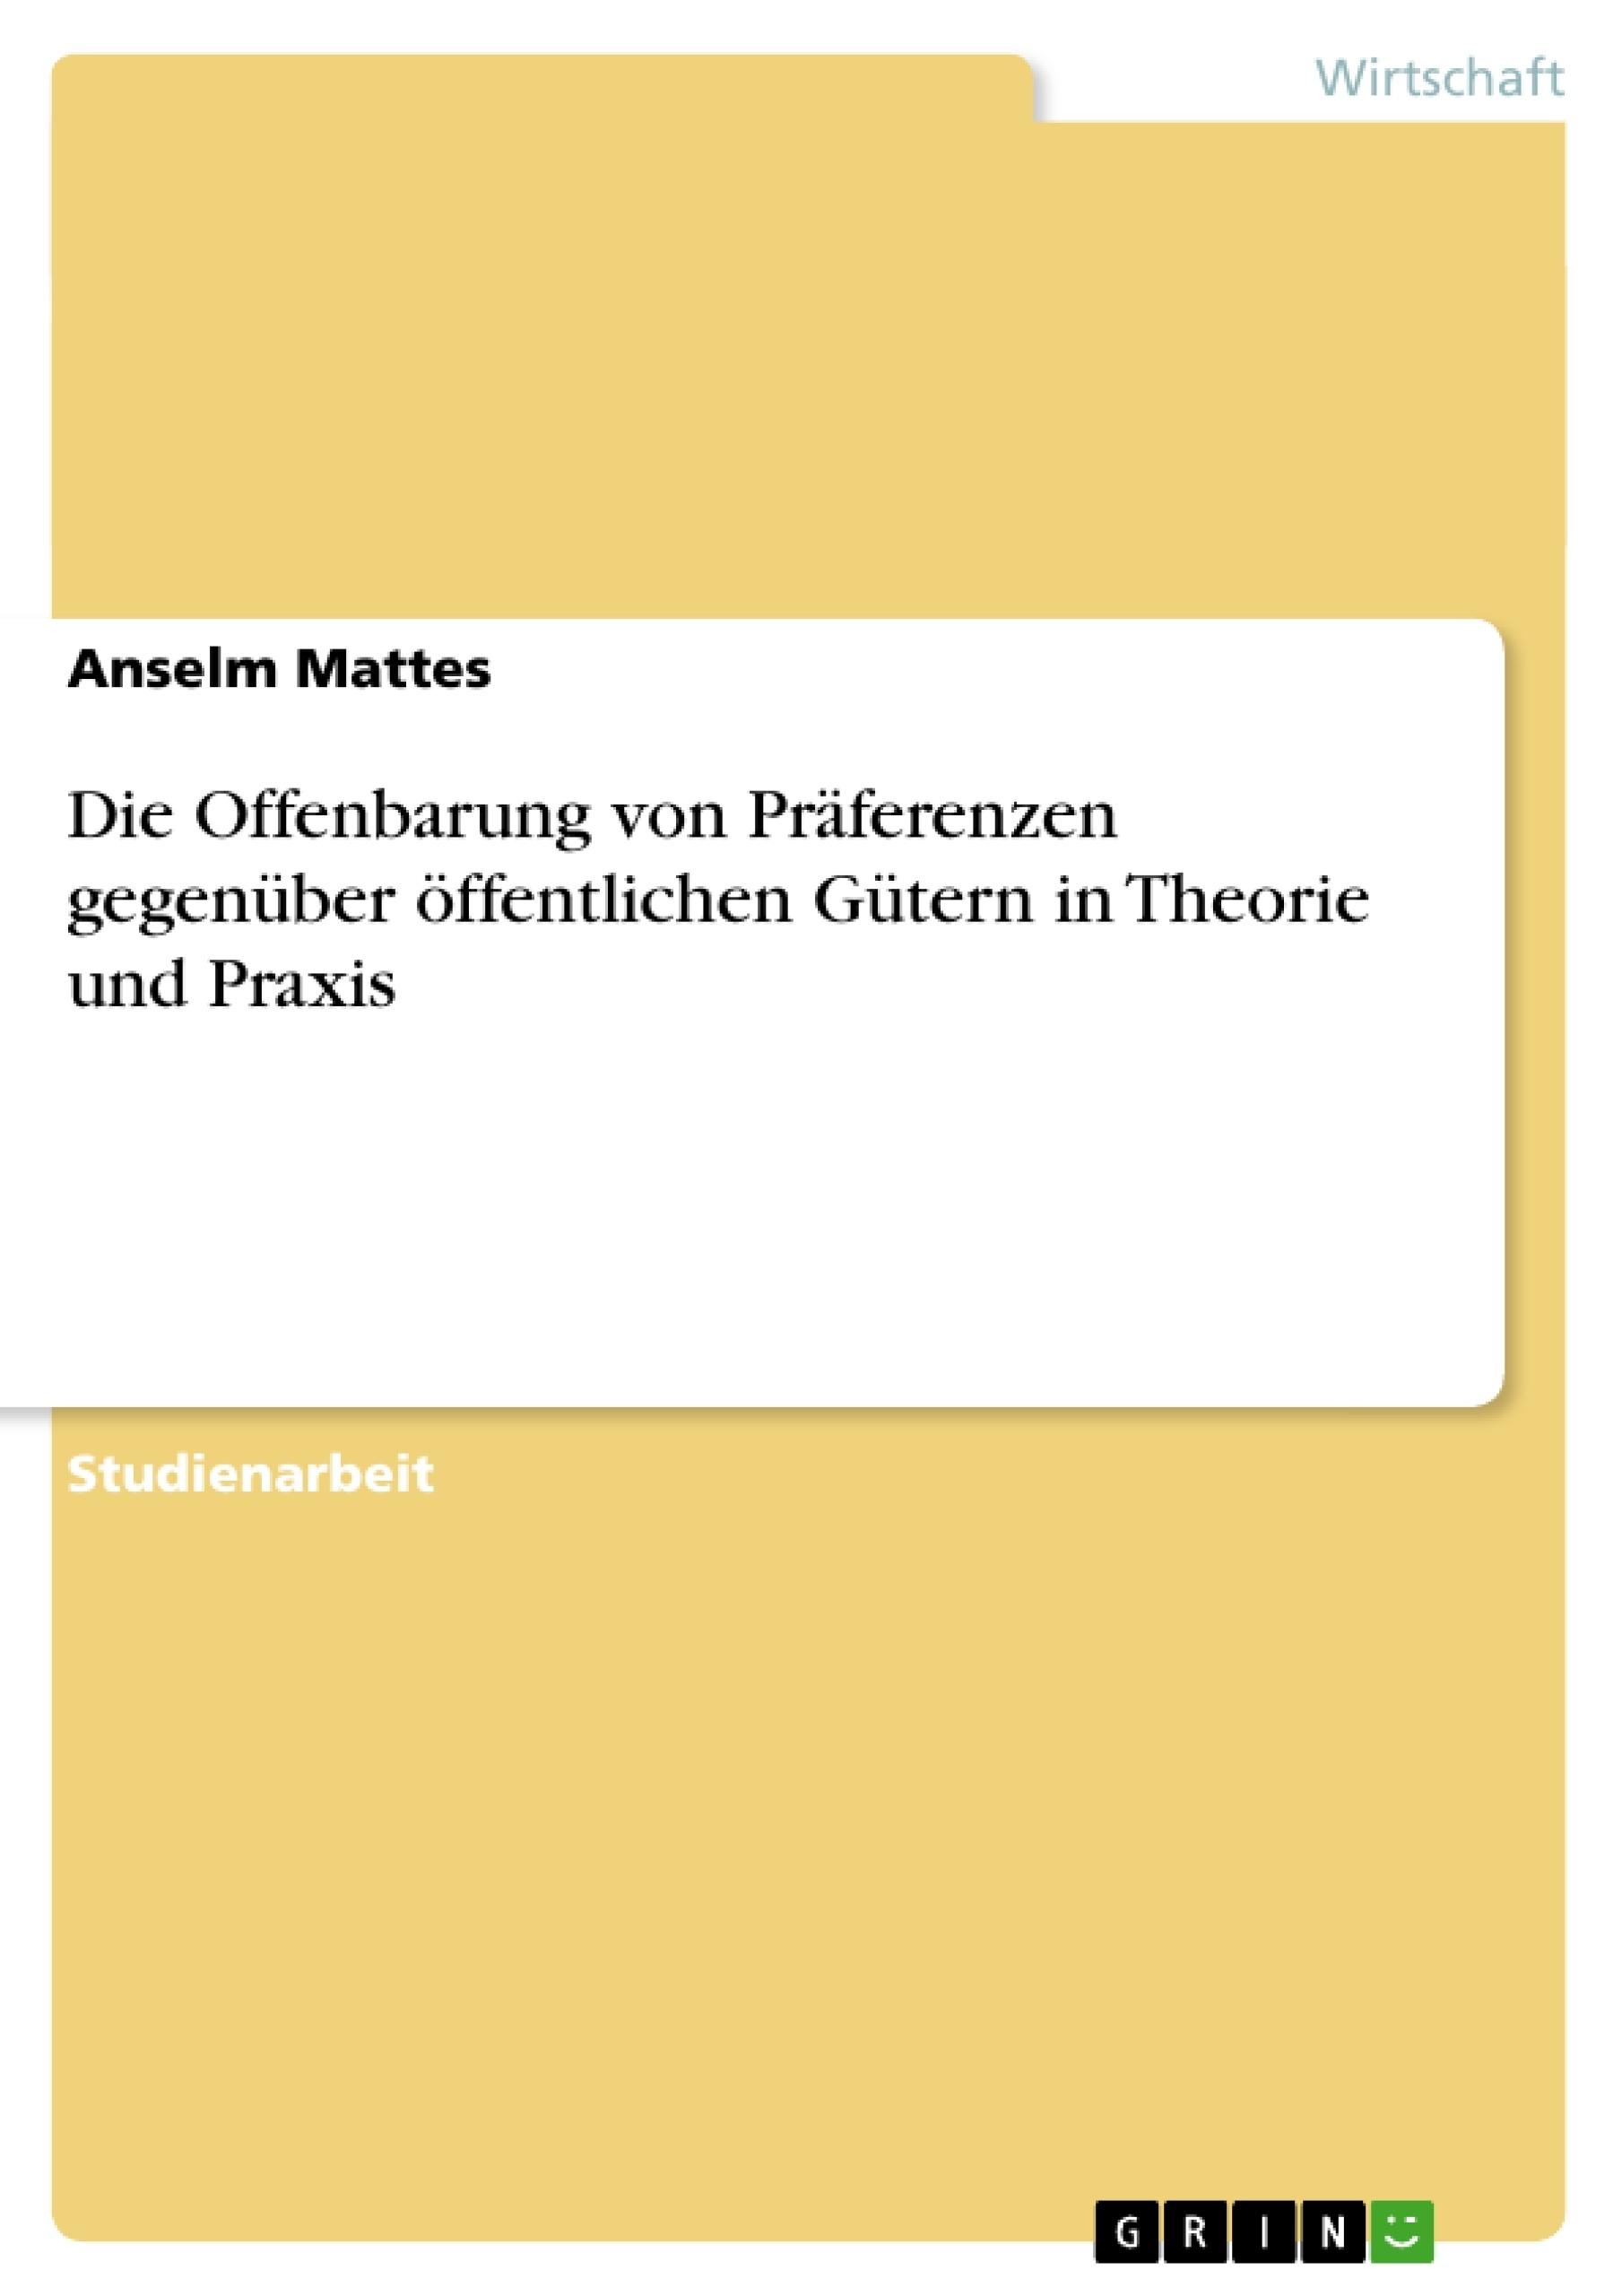 Titel: Die Offenbarung von Präferenzen gegenüber öffentlichen Gütern in Theorie und Praxis